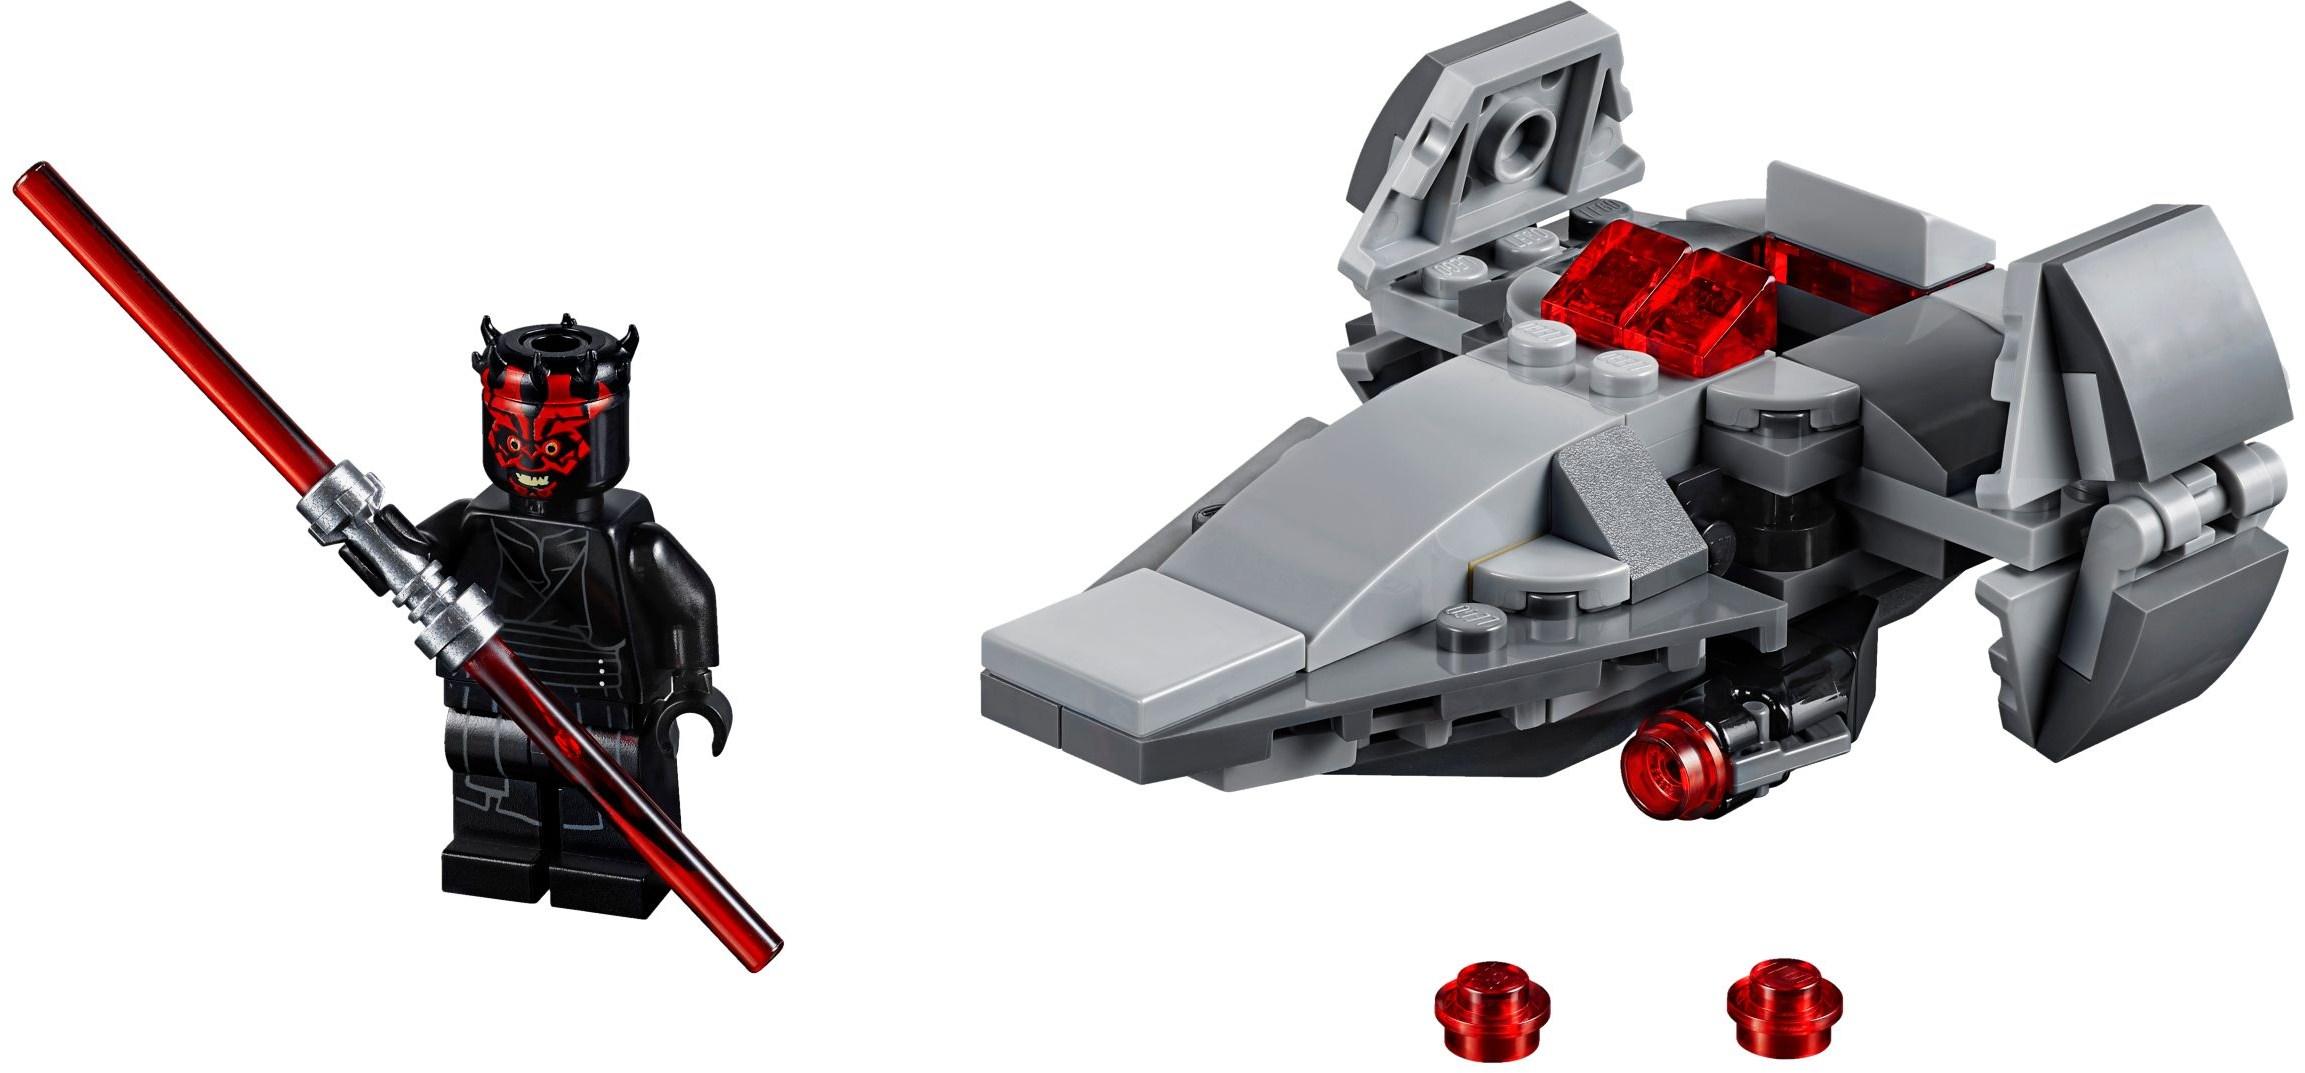 2019 Star Wars Official Images Brickset Lego Set Guide